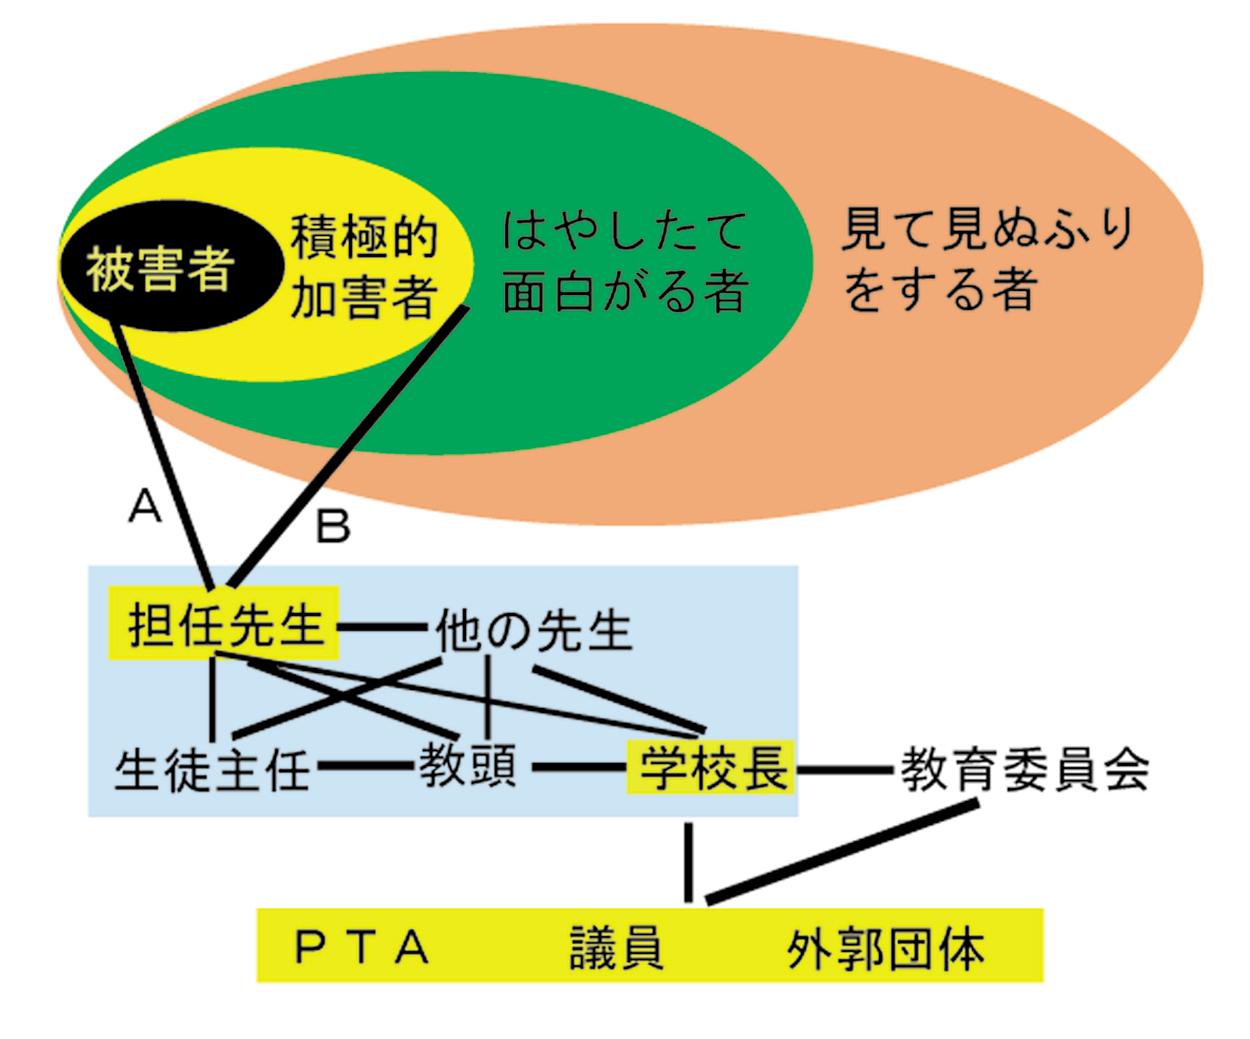 いじめ構造図